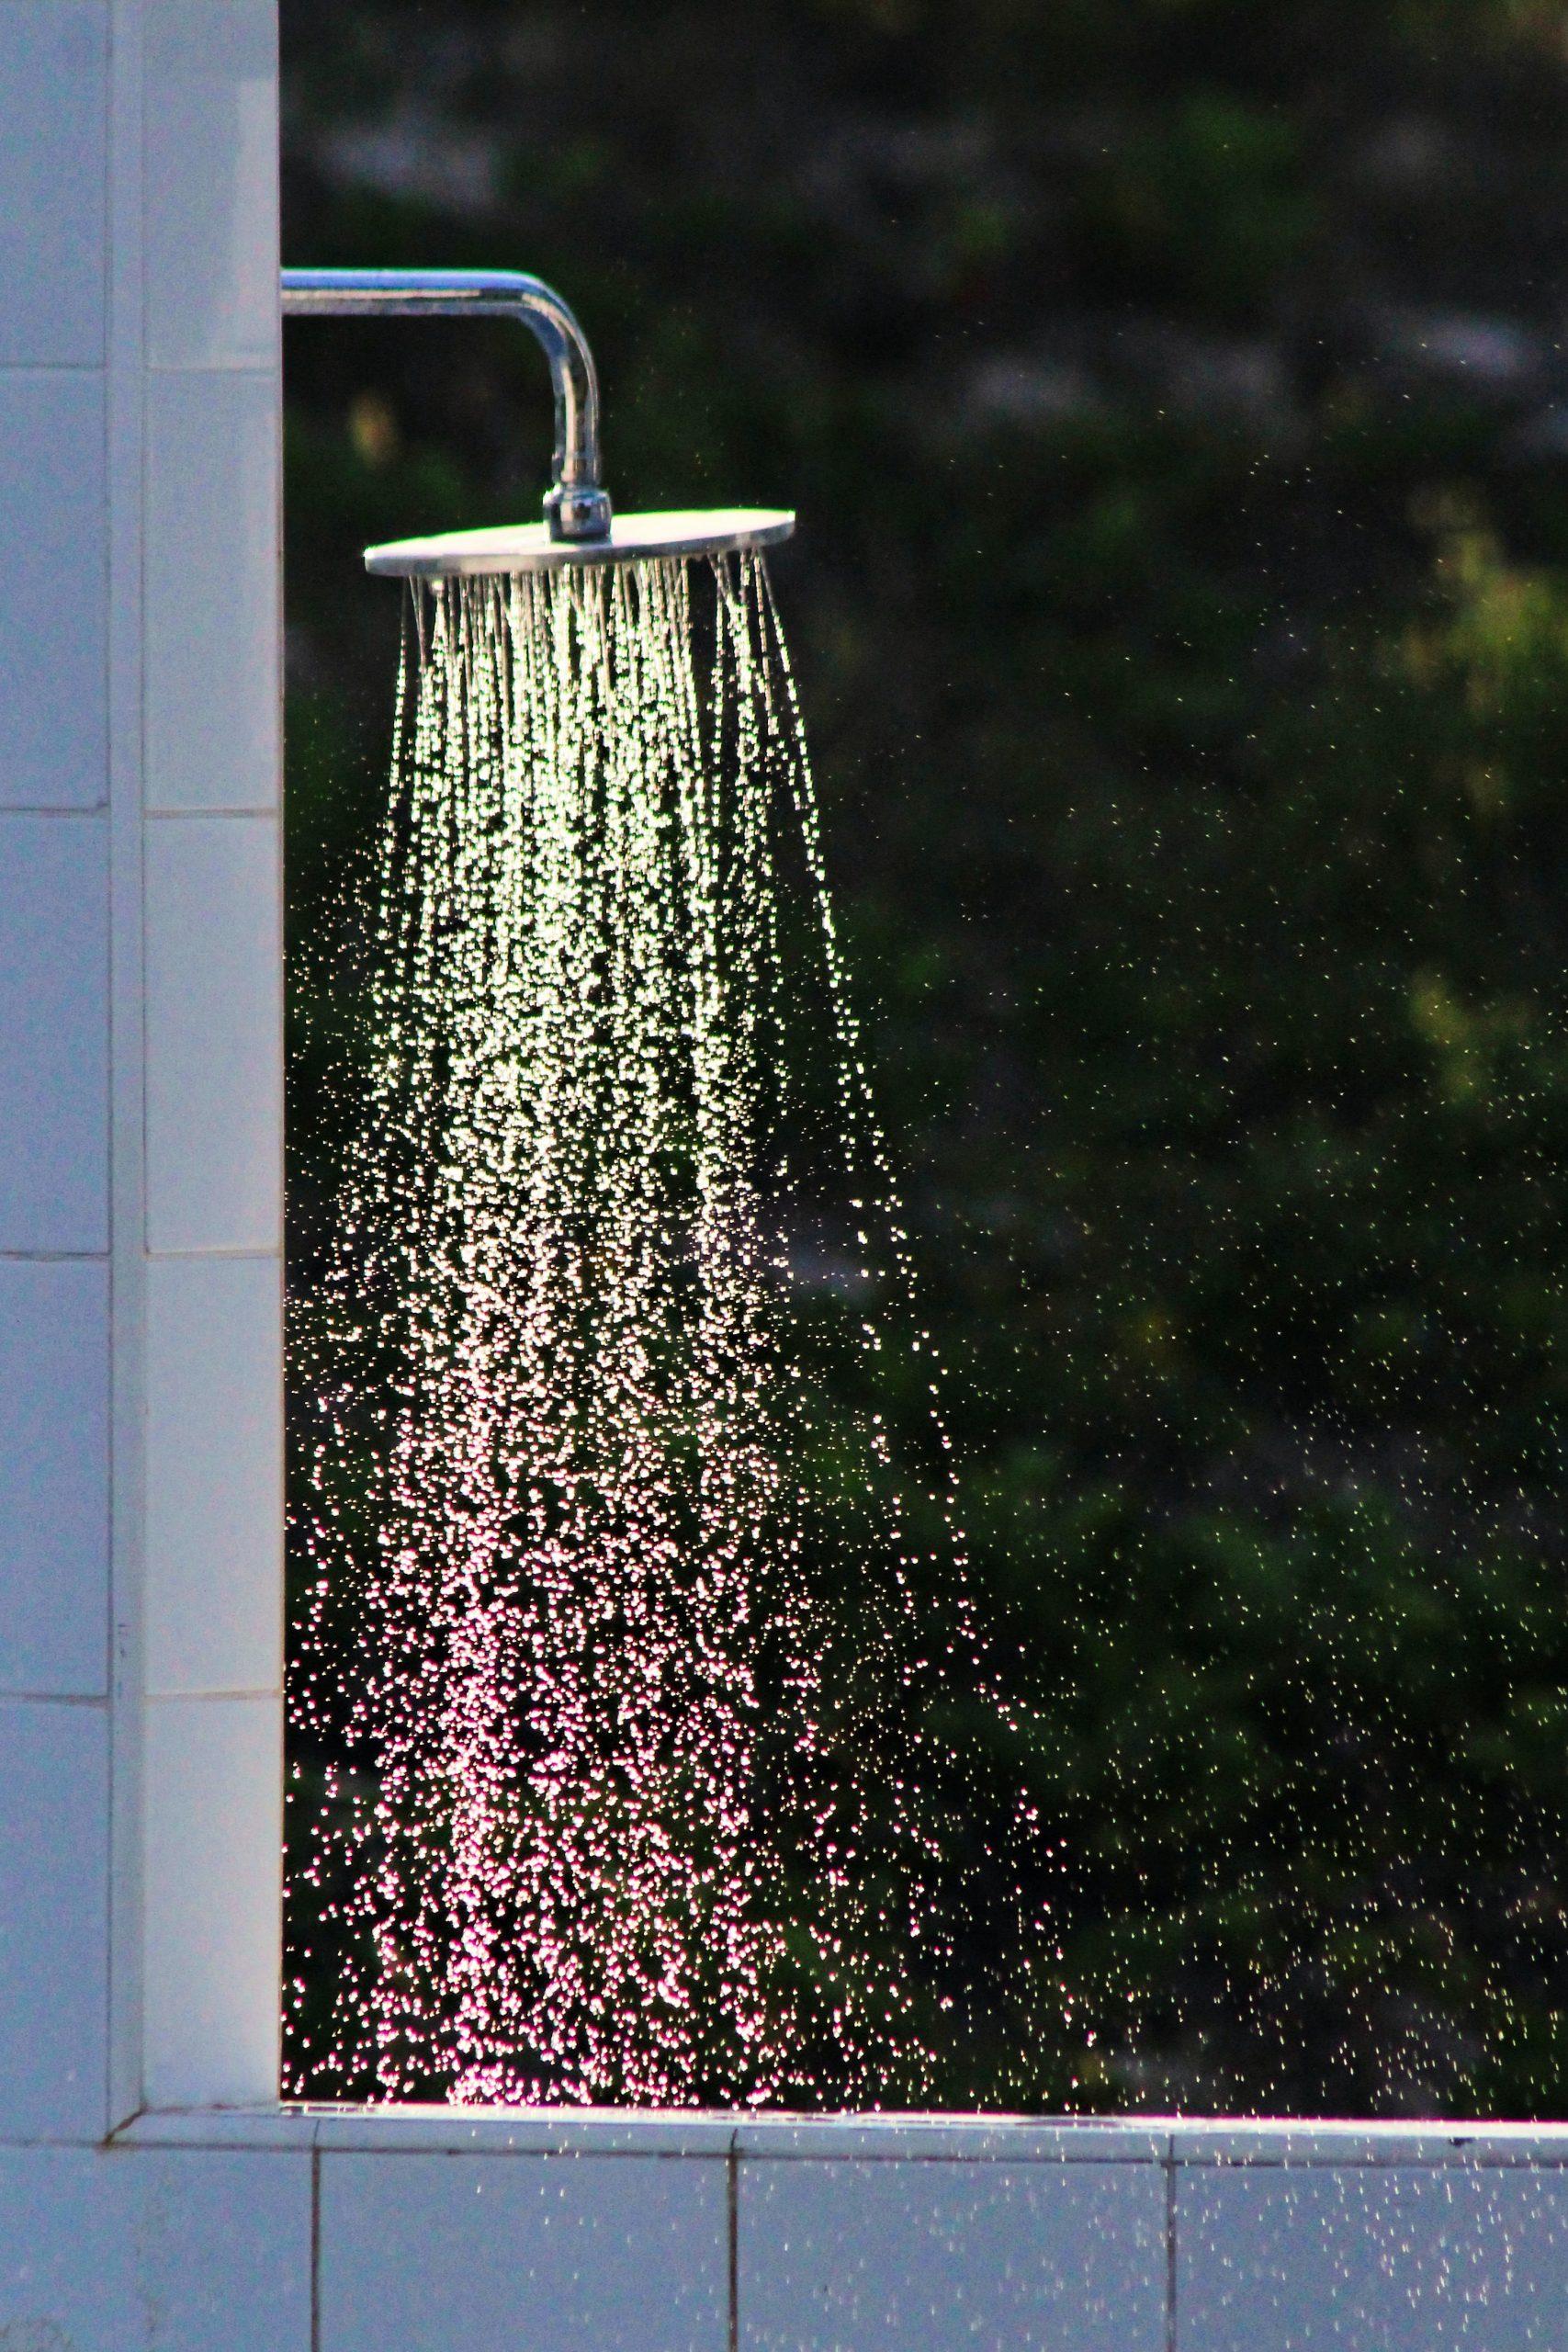 7 Benefits of a Good Shower Filter